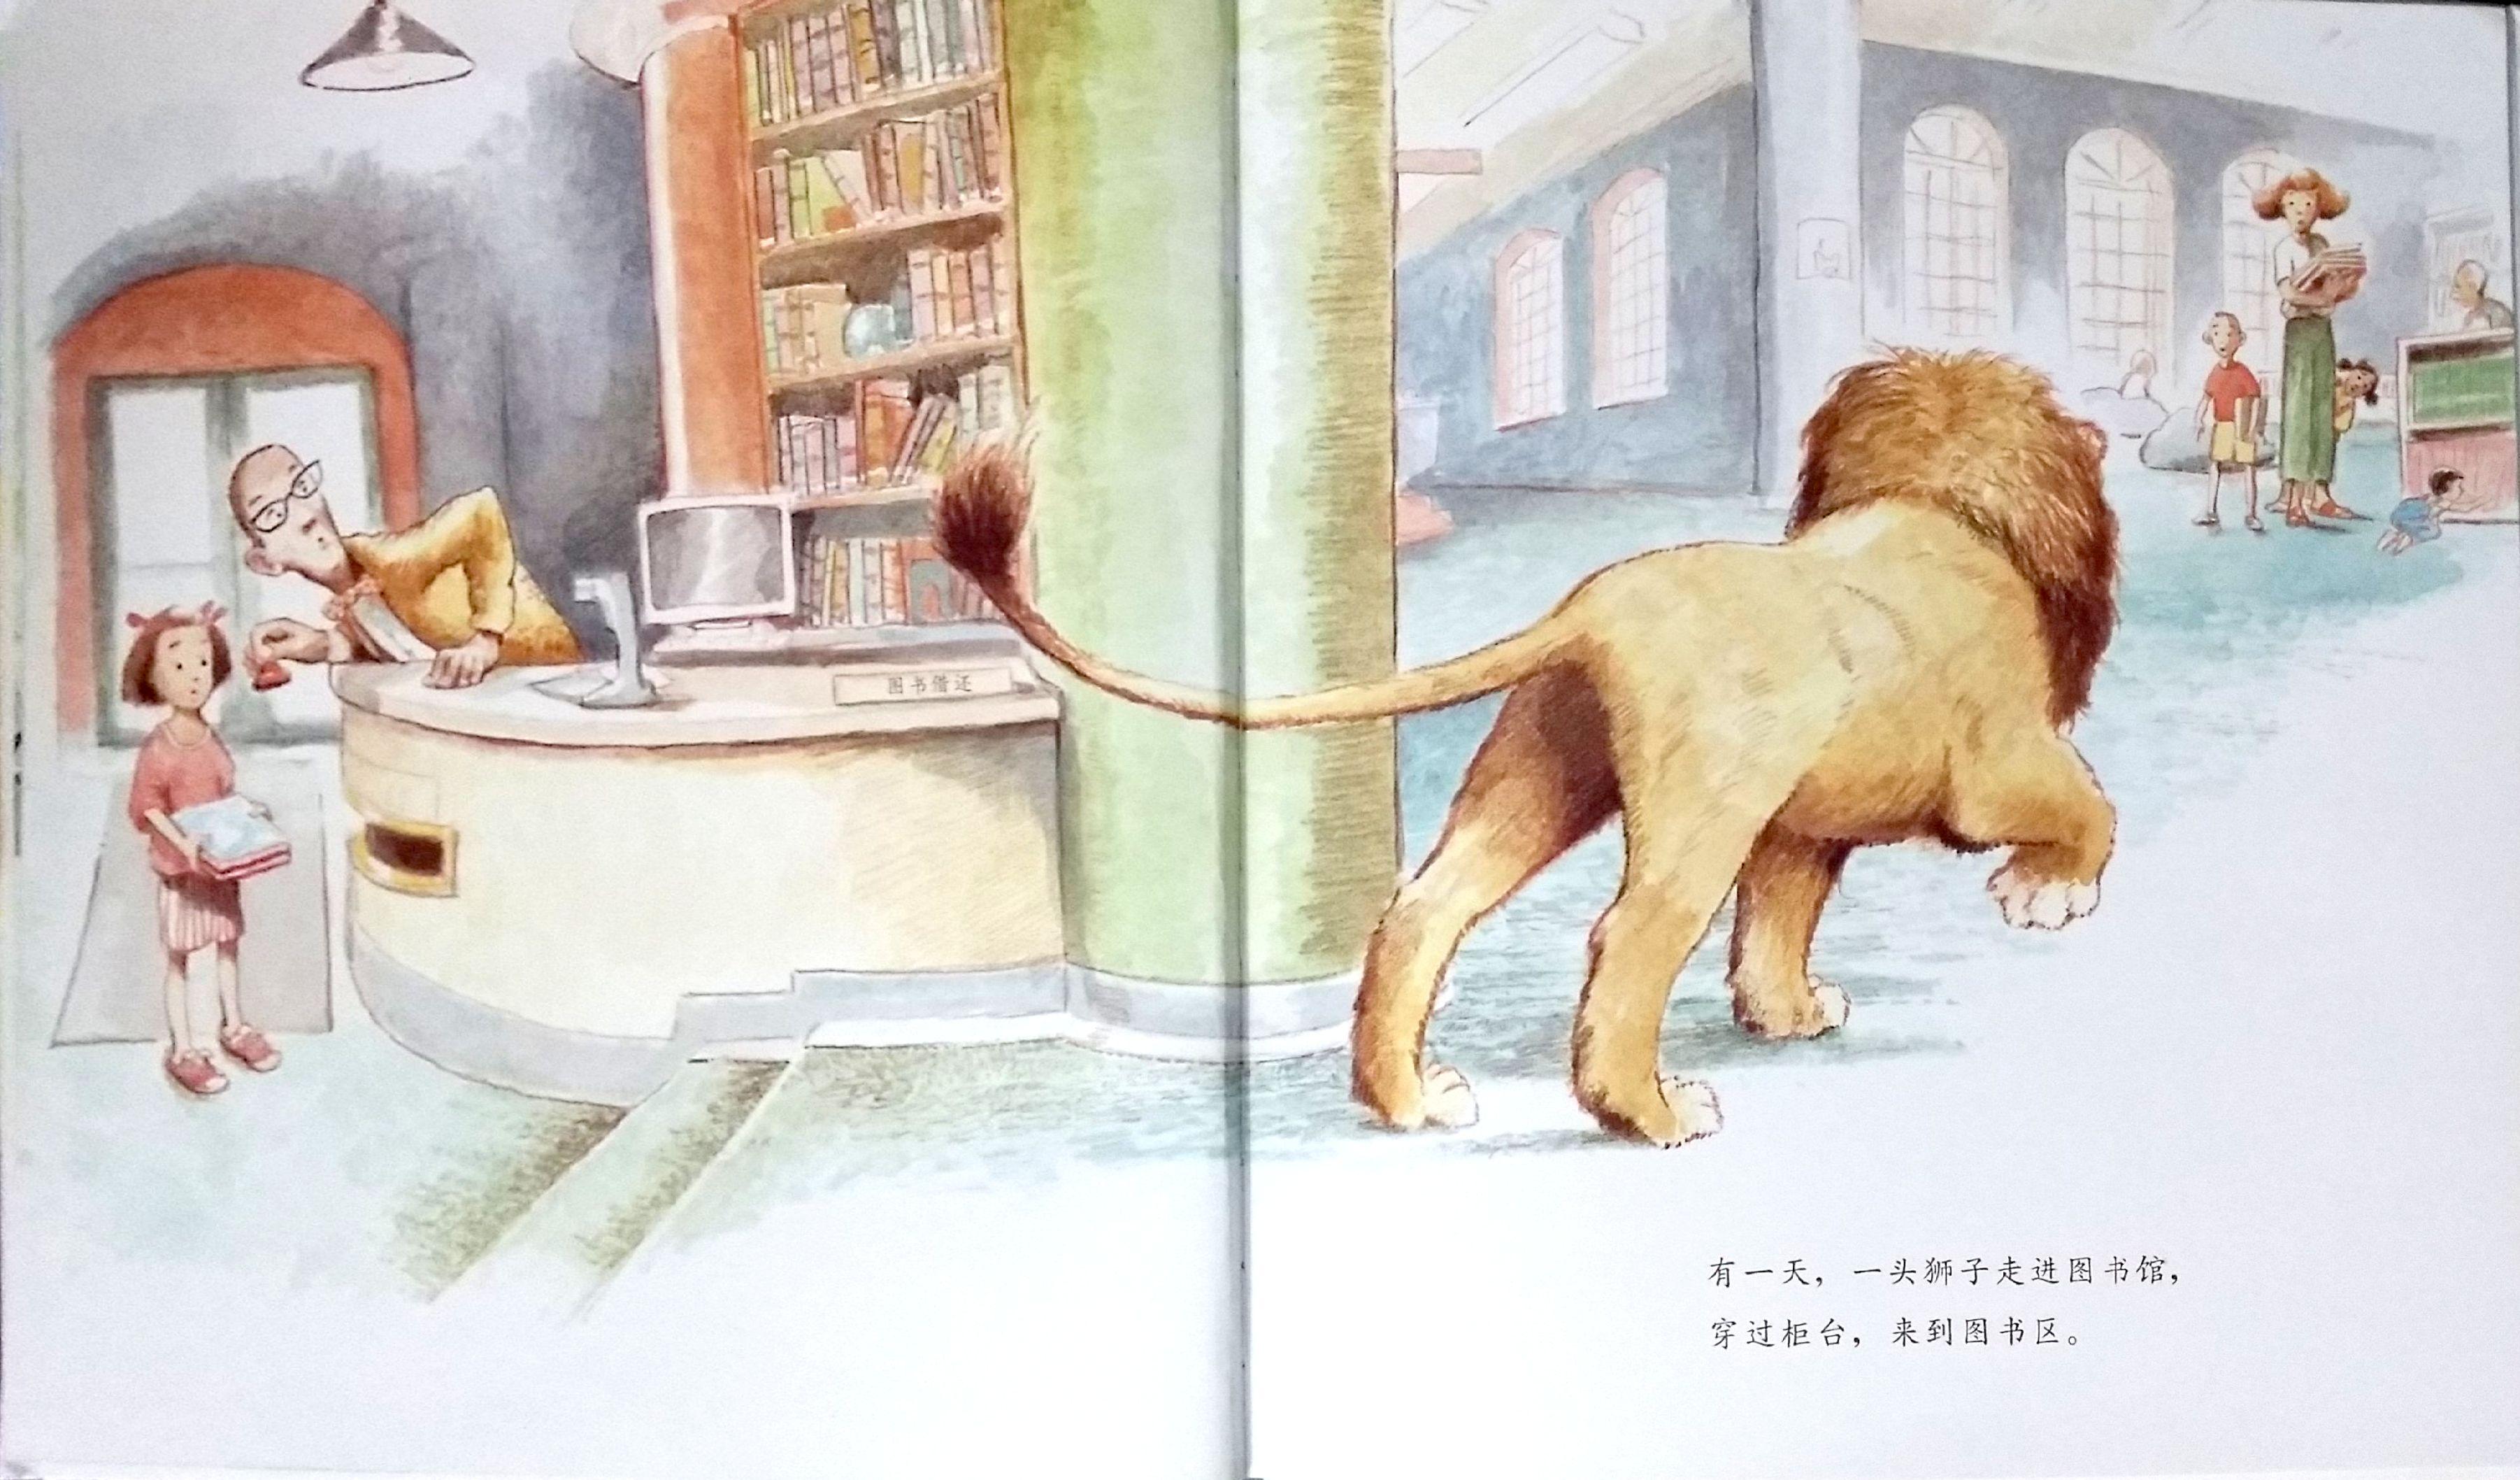 经典儿童绘本阅读之《图书馆狮子》